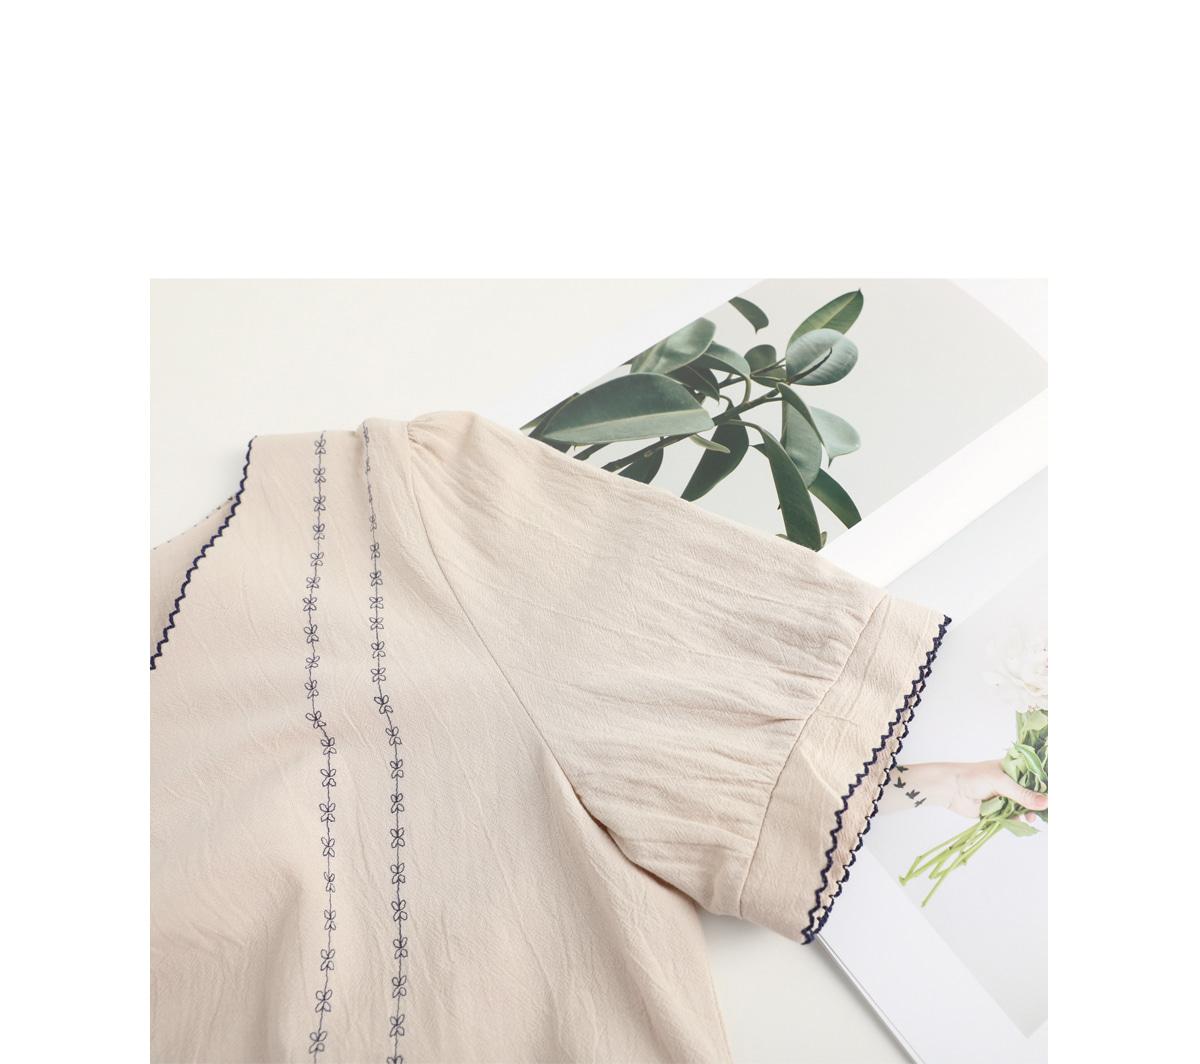 Antique dandelion dress